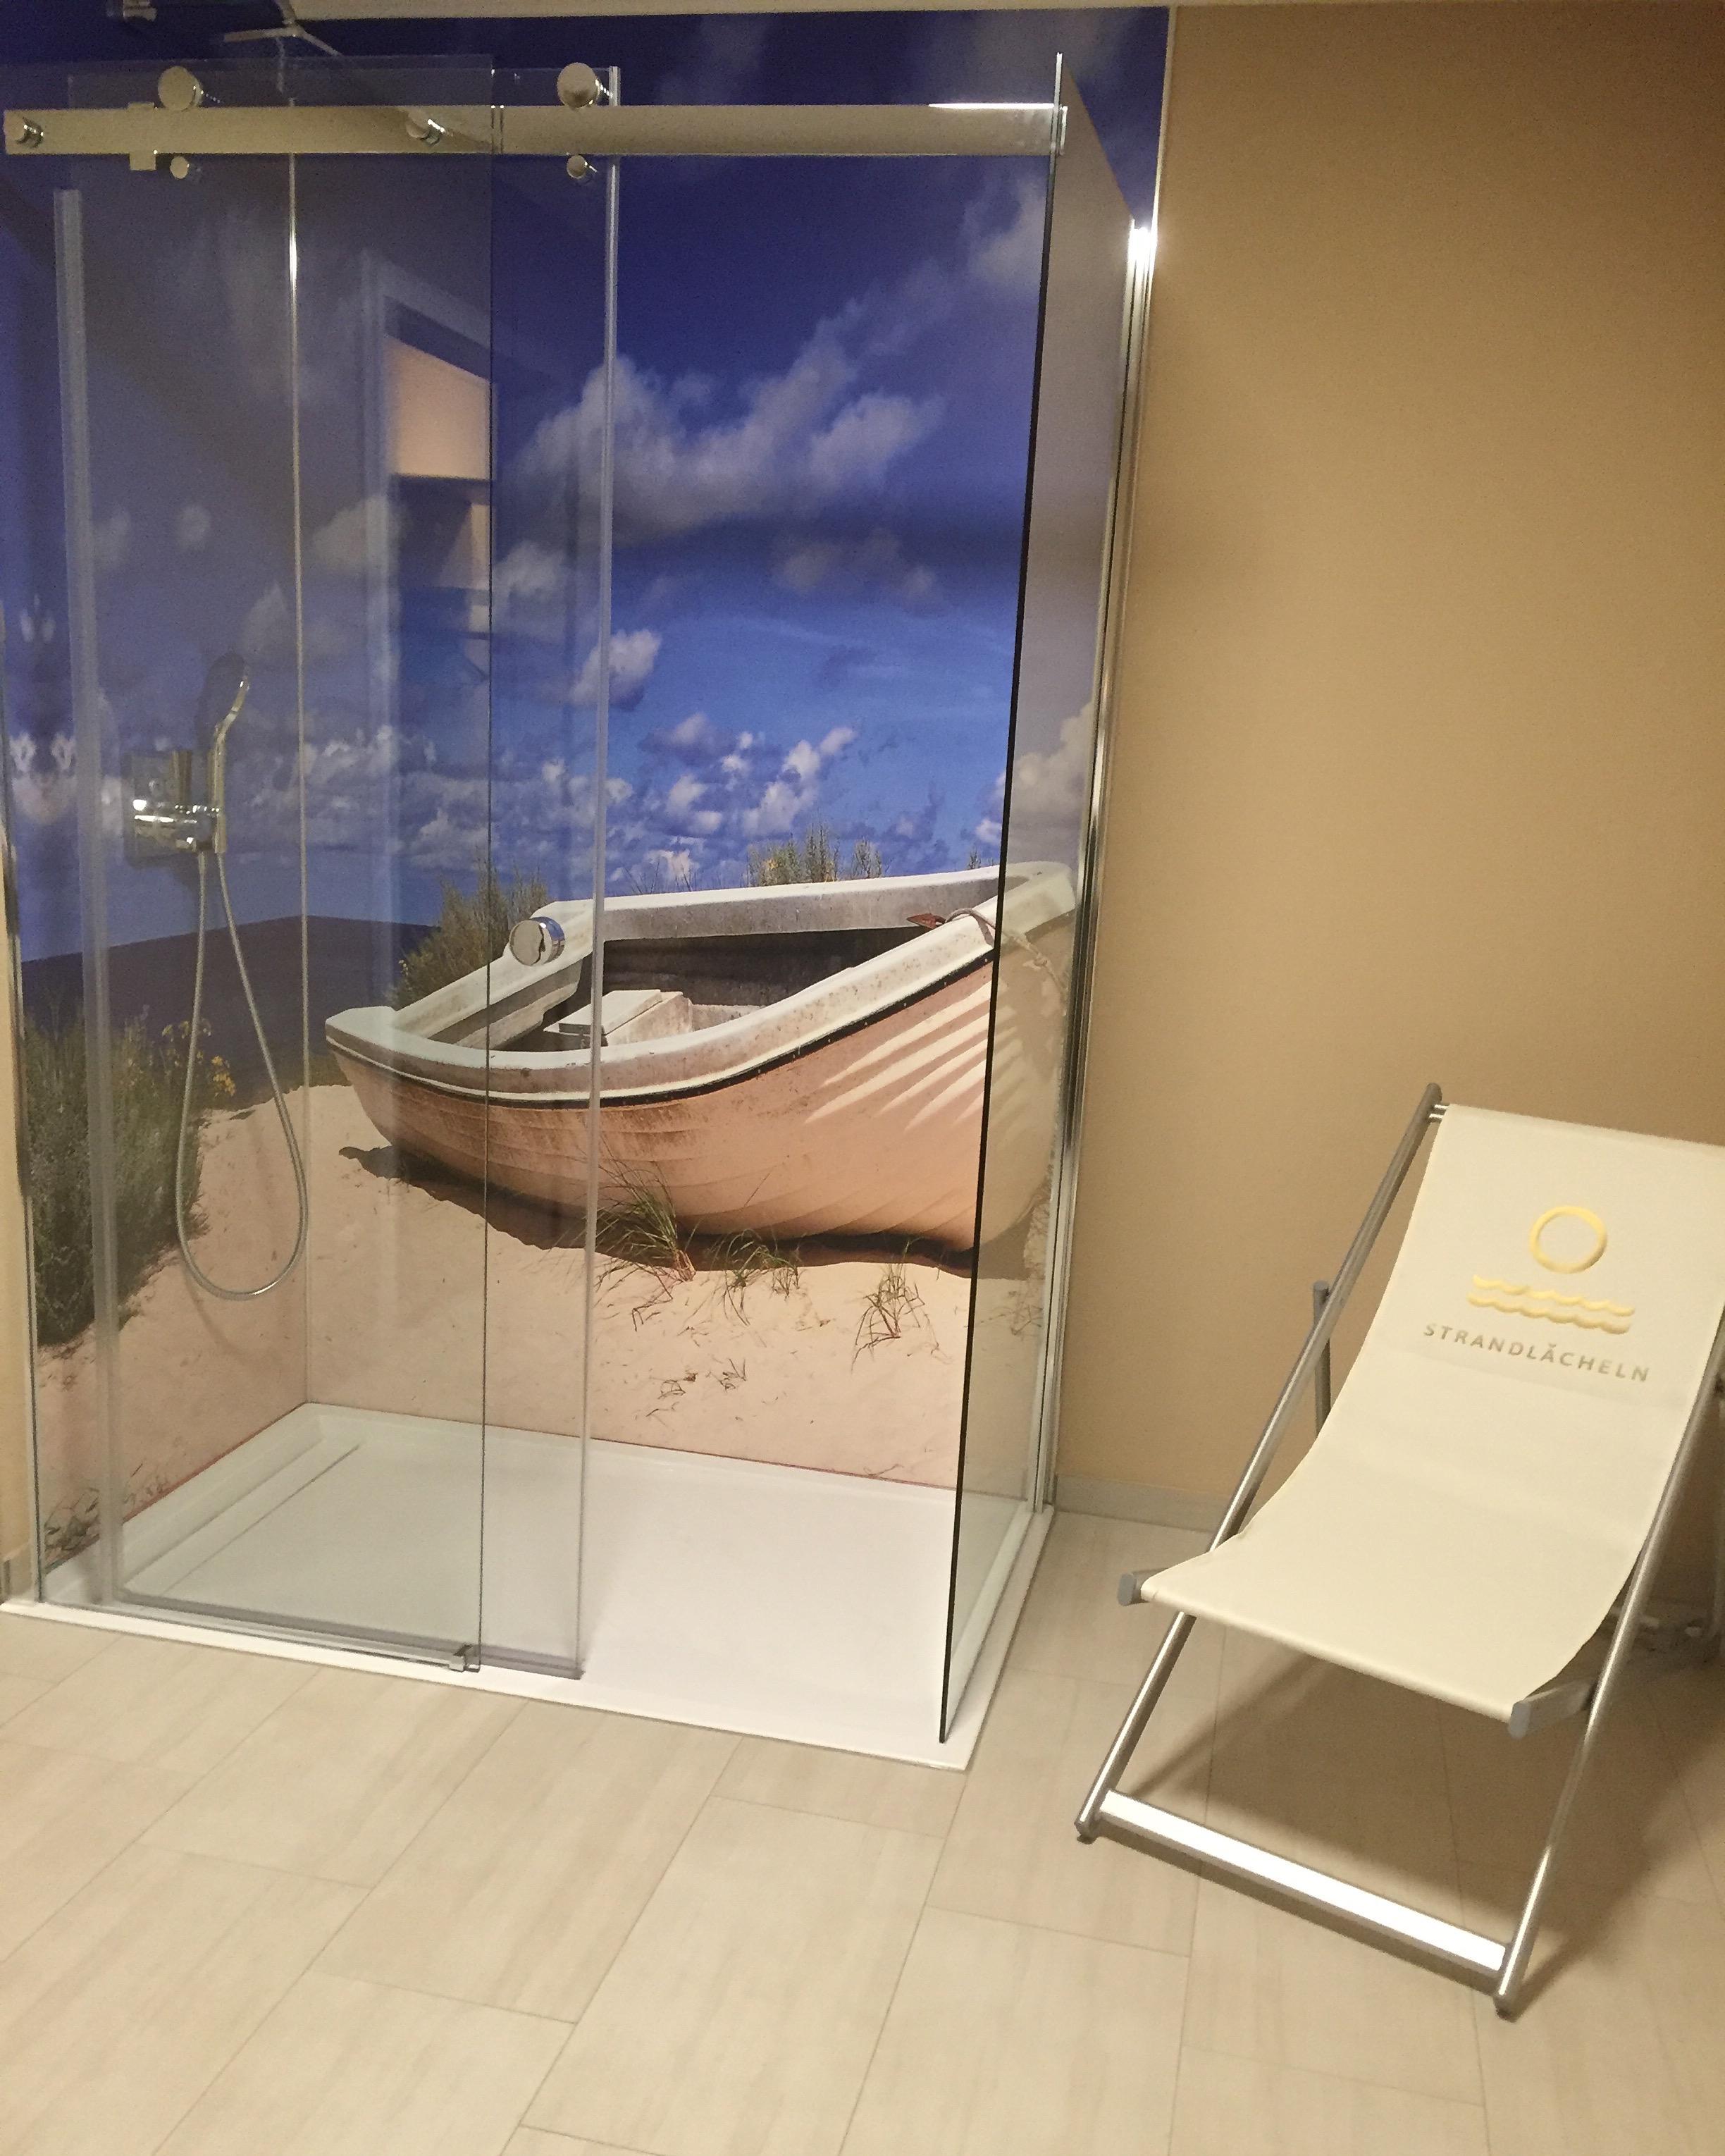 strandl cheln ferienhaus ostsee mit sauna und whirlpool. Black Bedroom Furniture Sets. Home Design Ideas